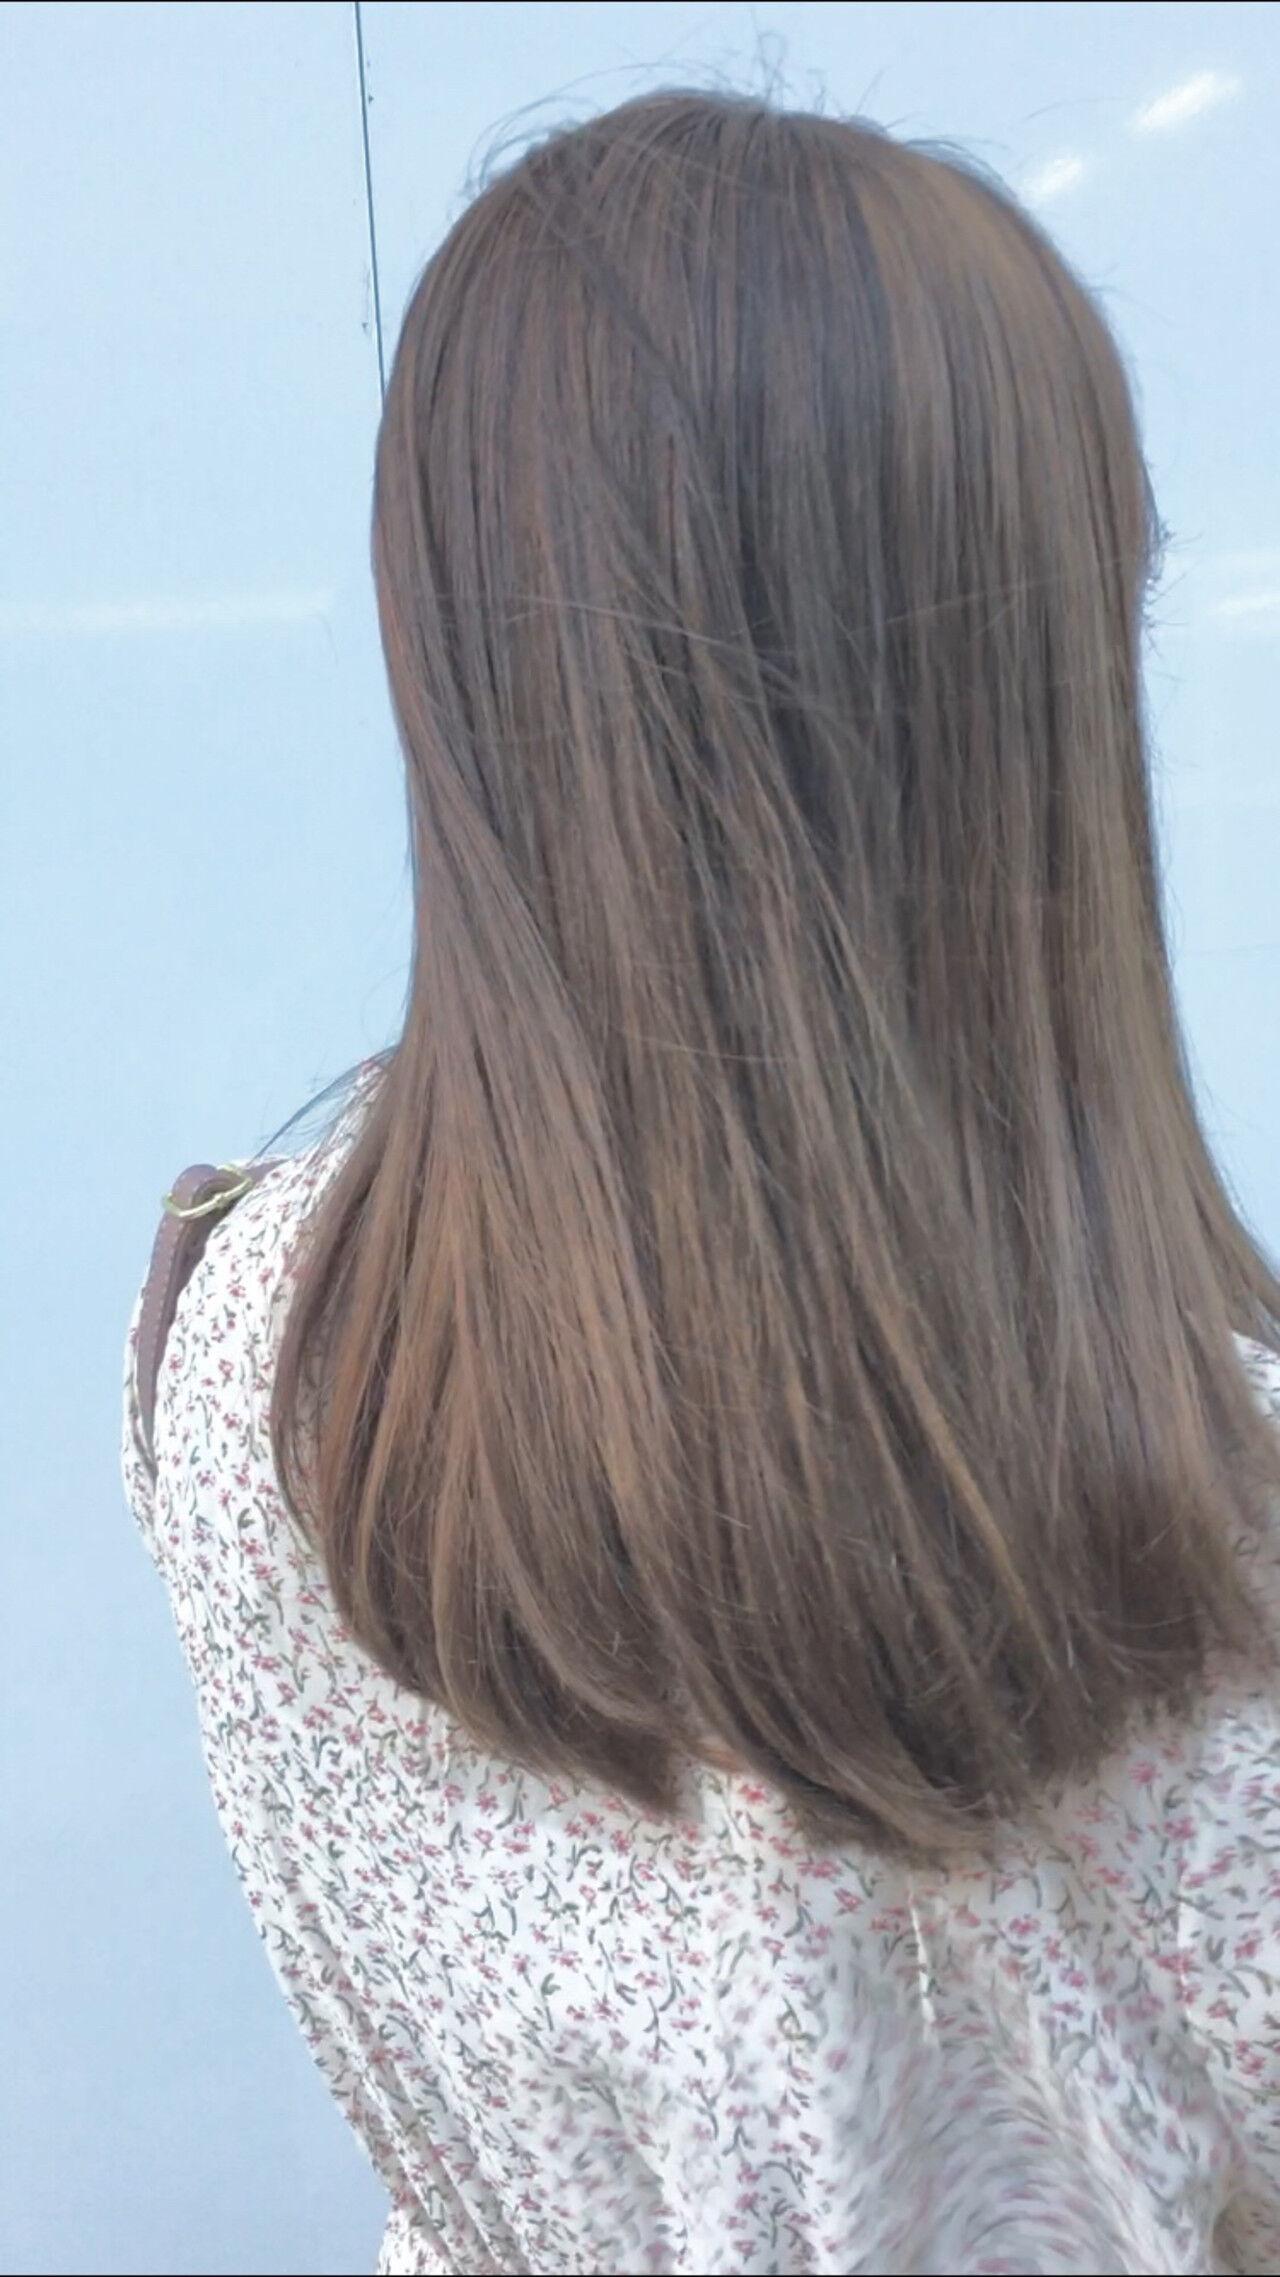 アッシュベージュ ベージュ ミルクティーベージュ ブラウンベージュヘアスタイルや髪型の写真・画像